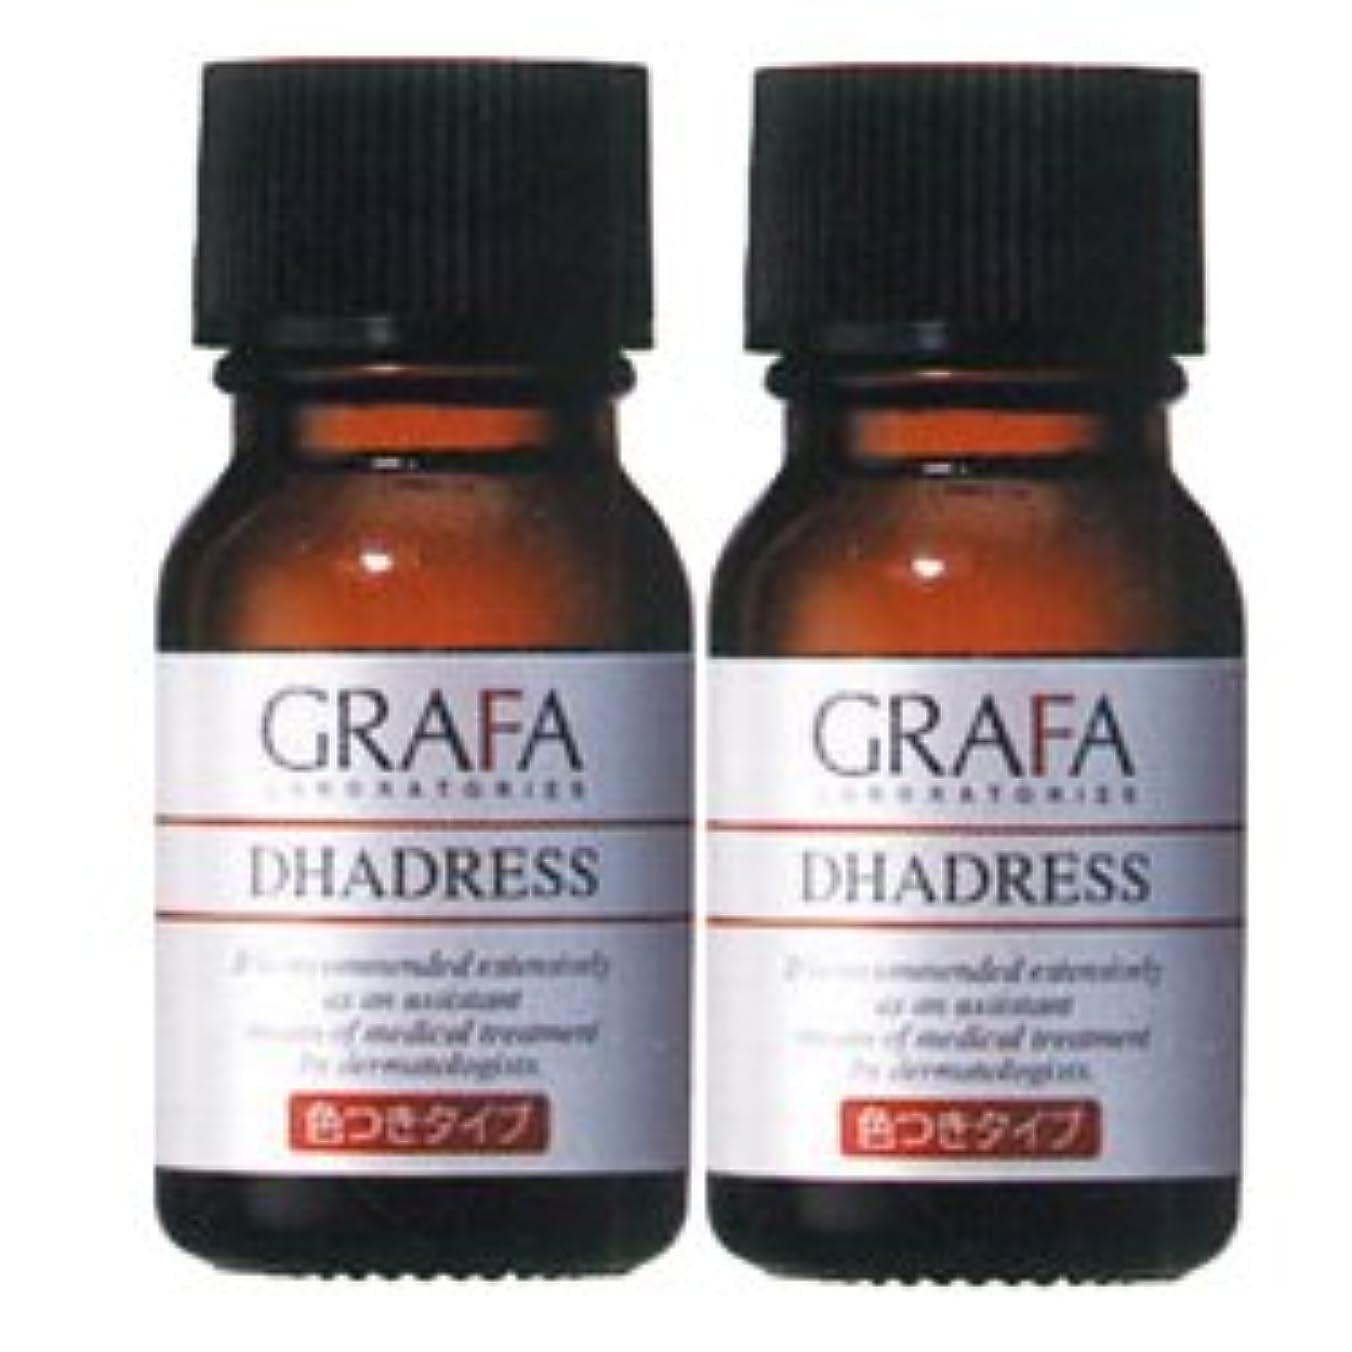 理解継続中完全に乾くグラファ ダドレスC (色つきタイプ) 11mL×2本 着色用化粧水 GRAFA DHADRESS